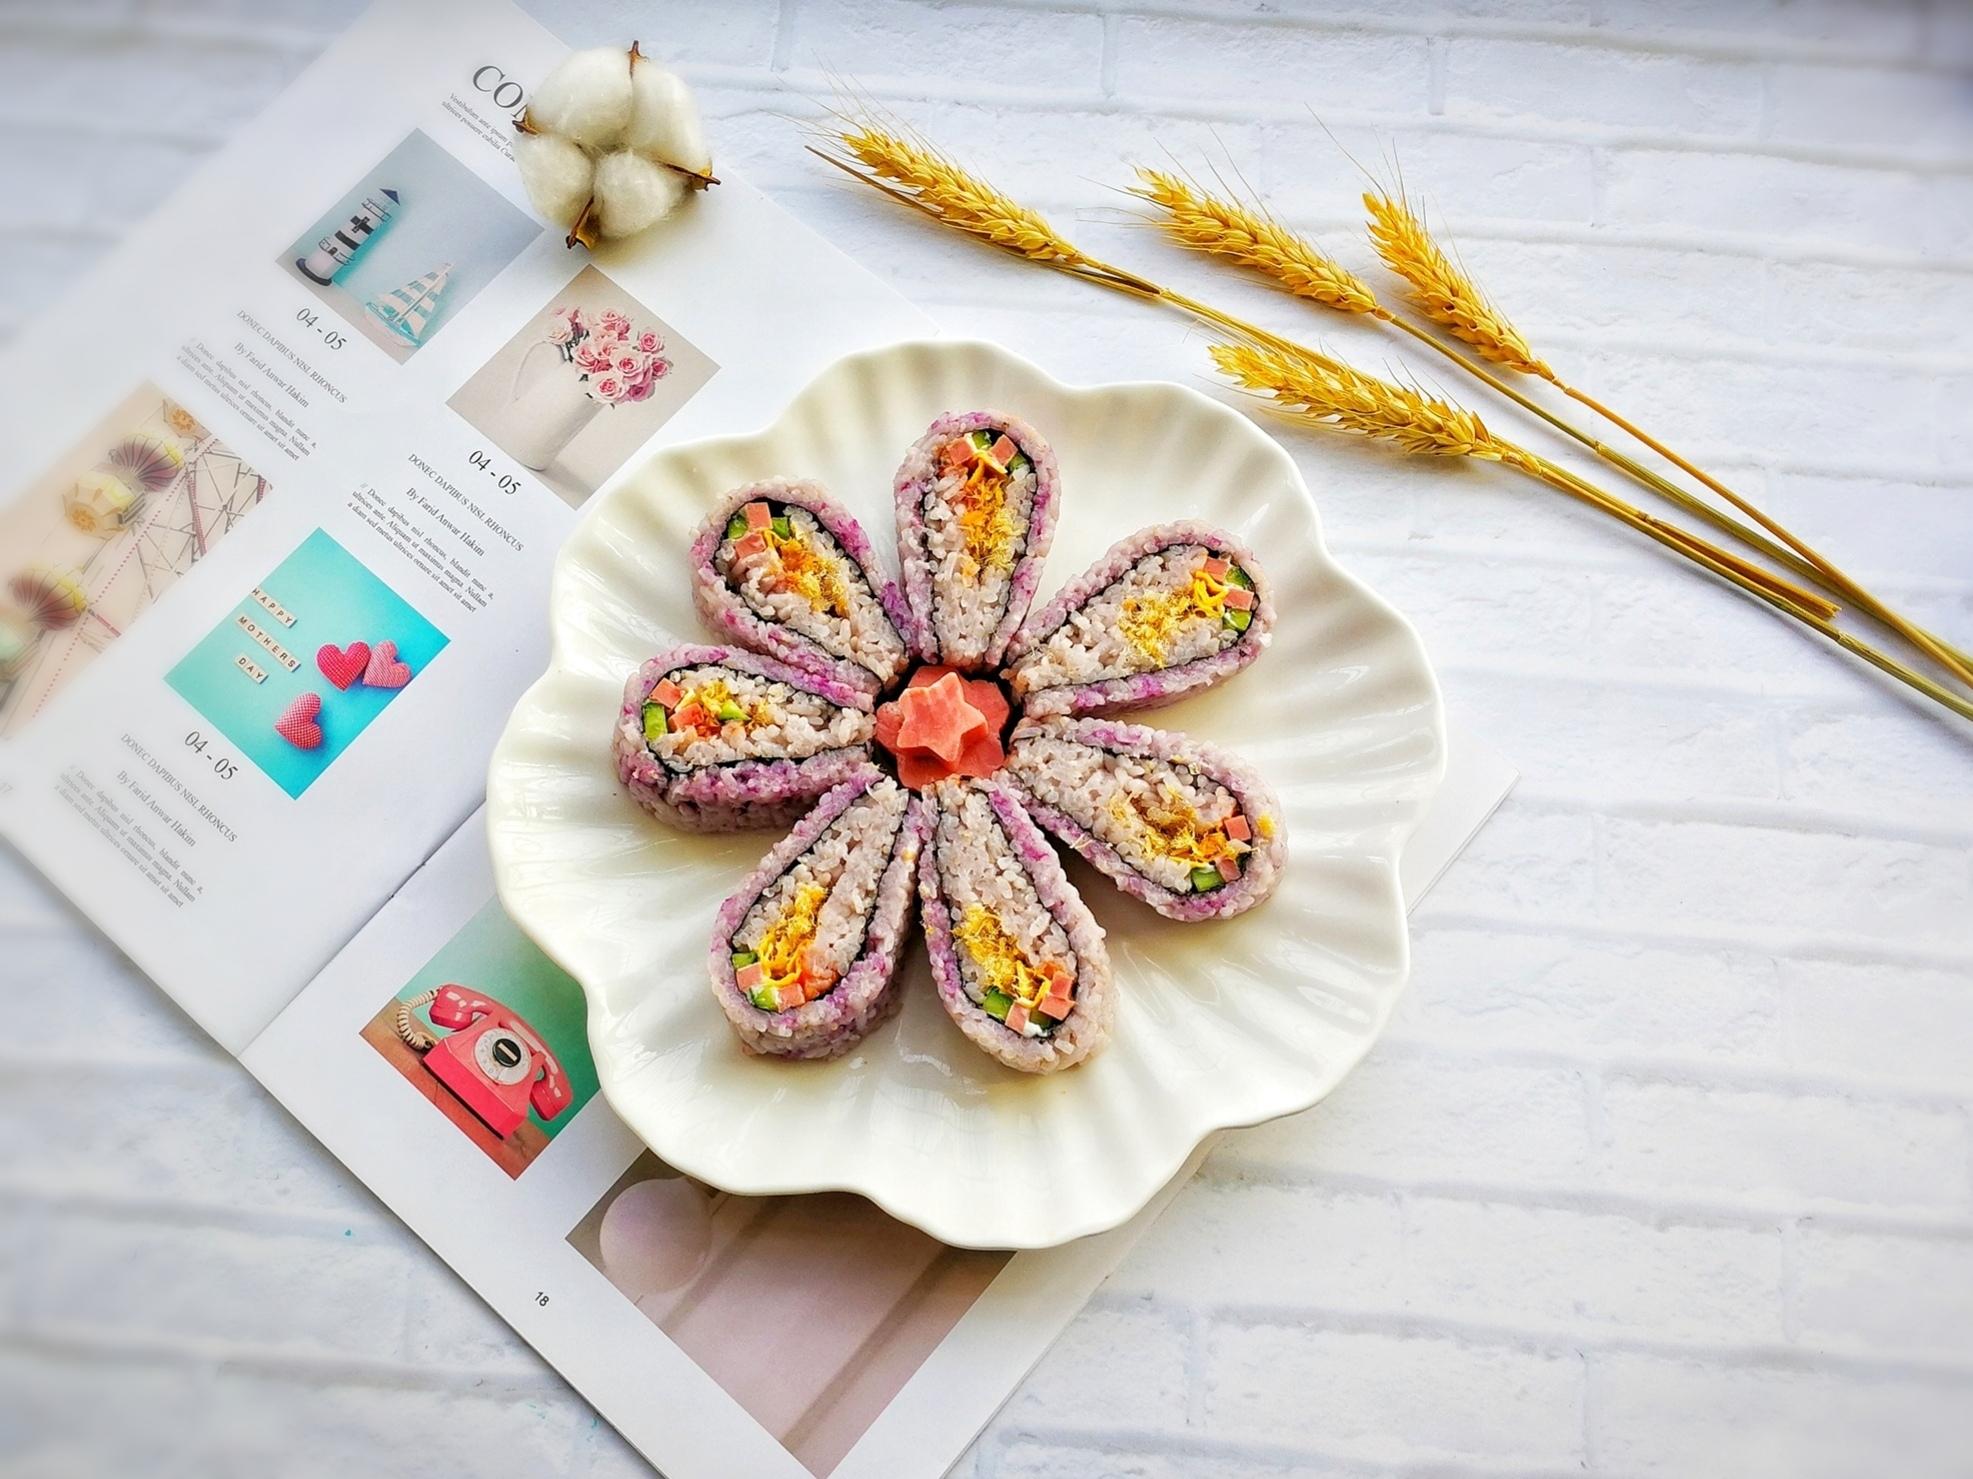 翻转花朵寿司的做法_【图解】翻转花朵寿司怎么做如何